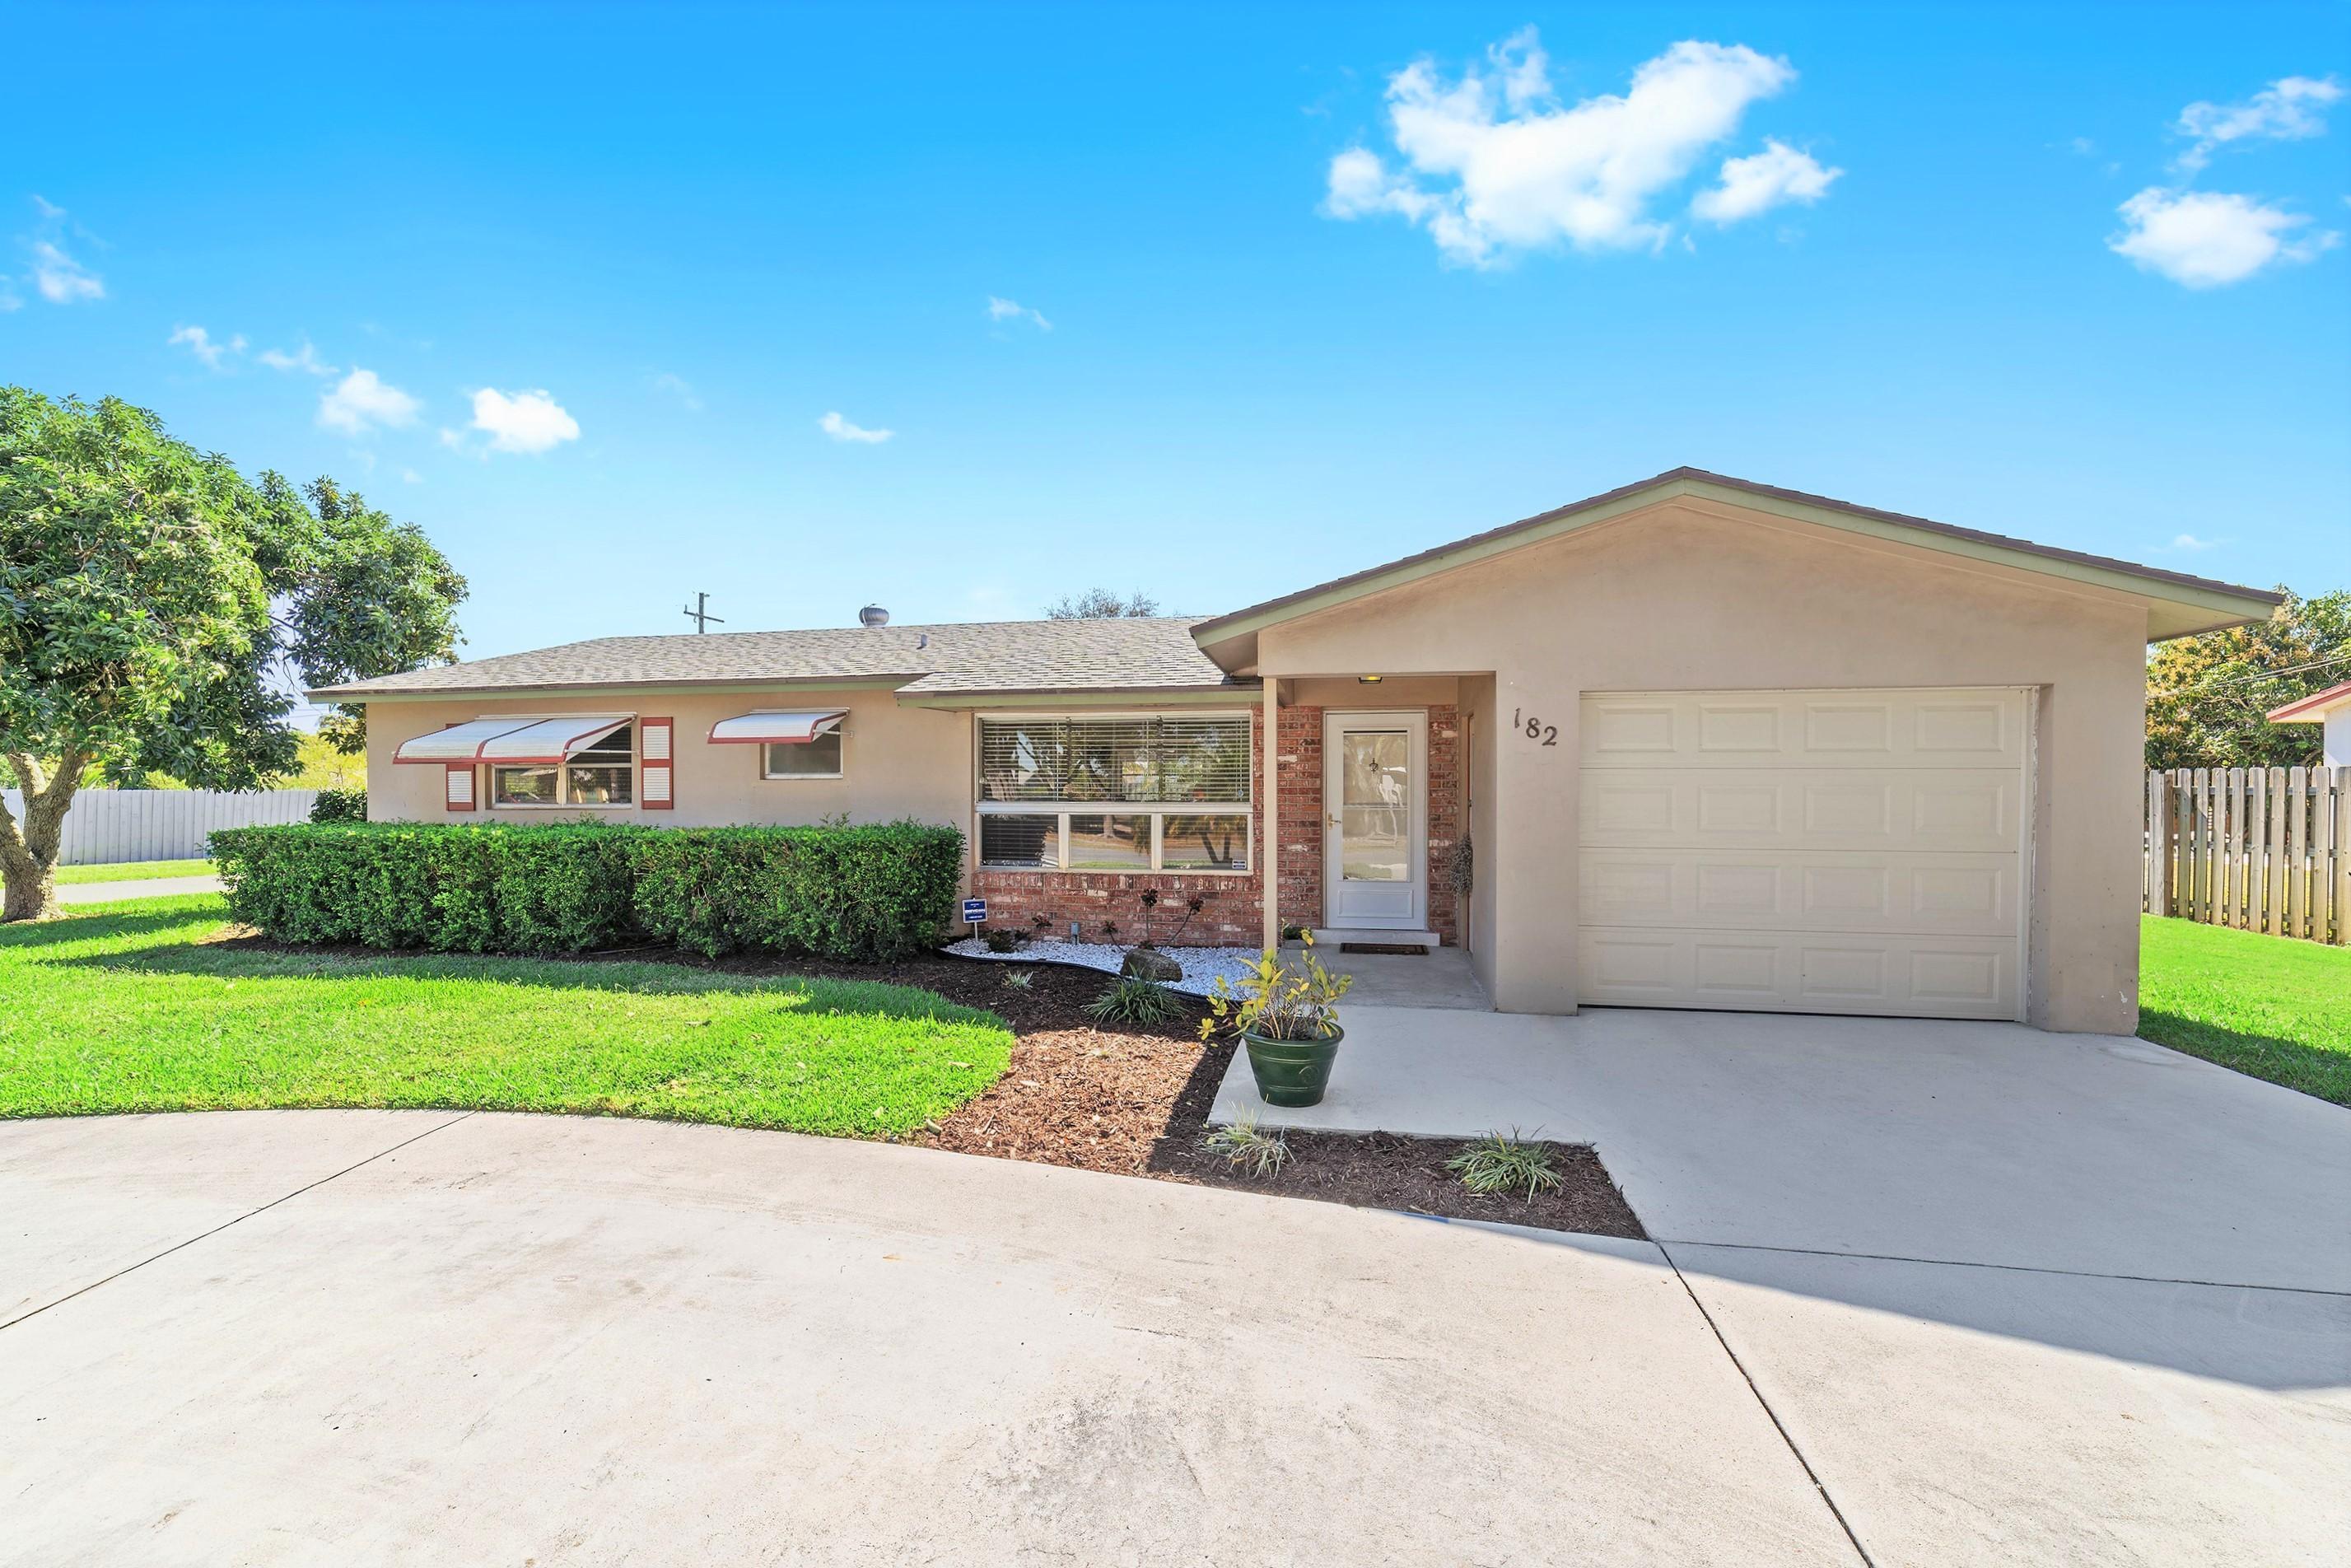 182 27th Avenue, Boynton Beach, Florida 33435, 3 Bedrooms Bedrooms, ,2 BathroomsBathrooms,Single Family,For Sale,27th,RX-10500606